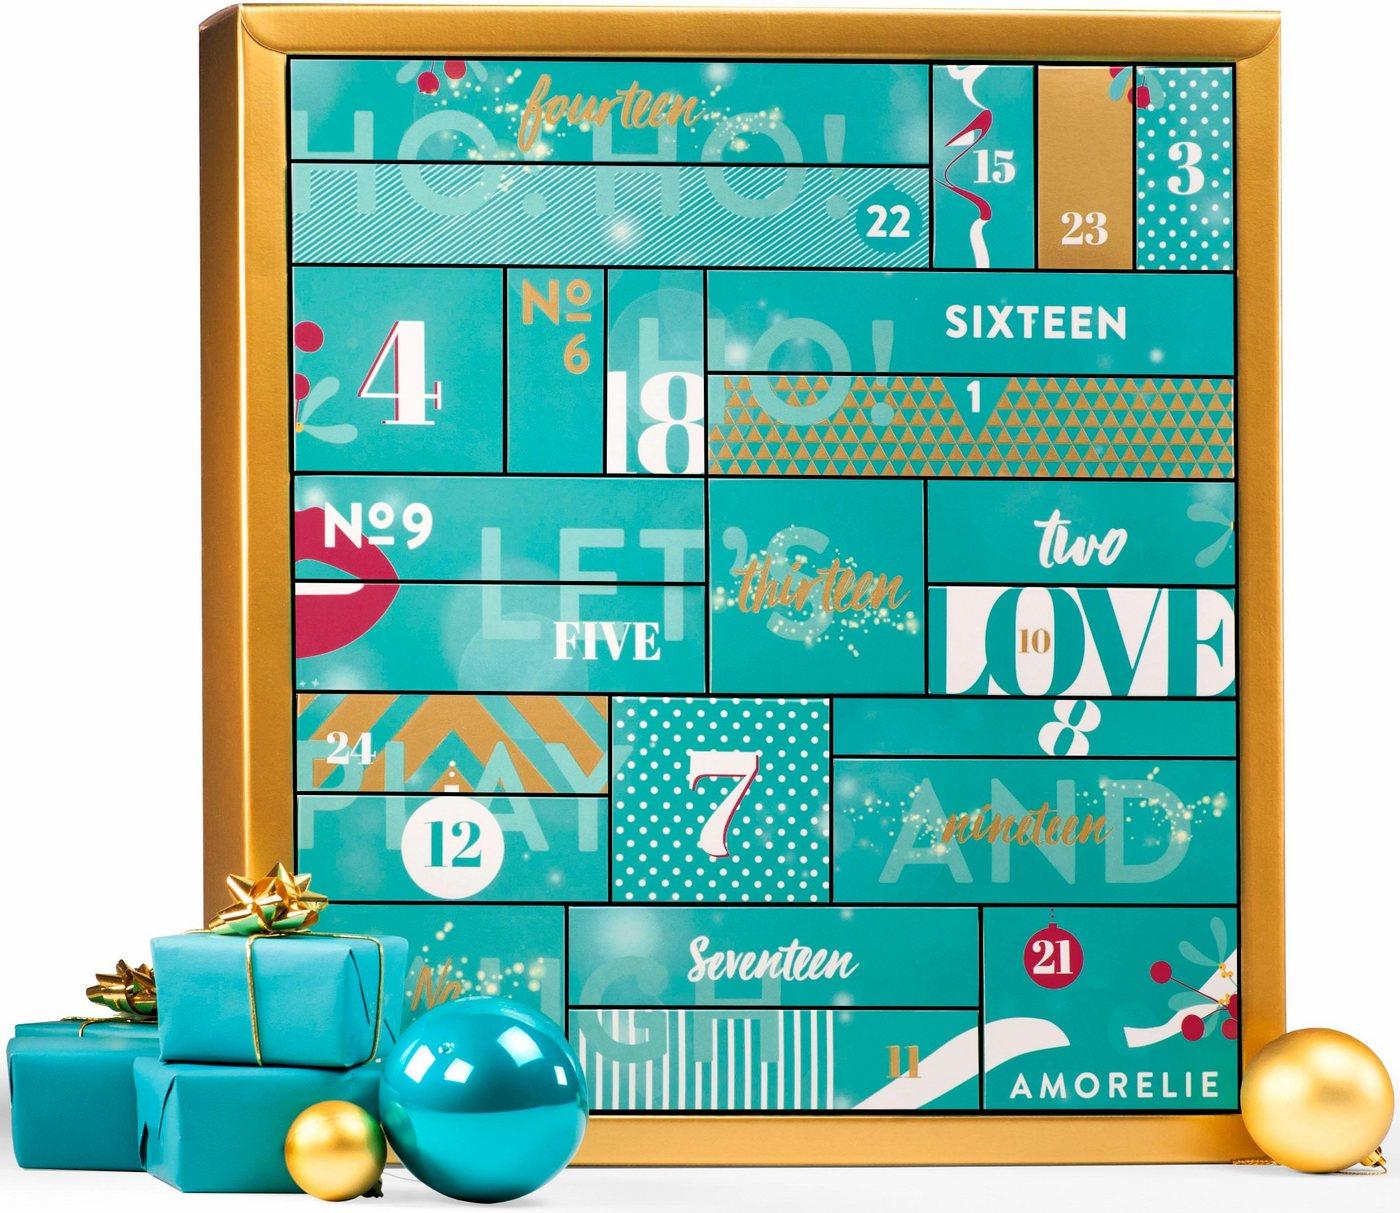 Amorelie Adventskalender Classic, Erotik-Kalender, 24 sinnliche Produkte